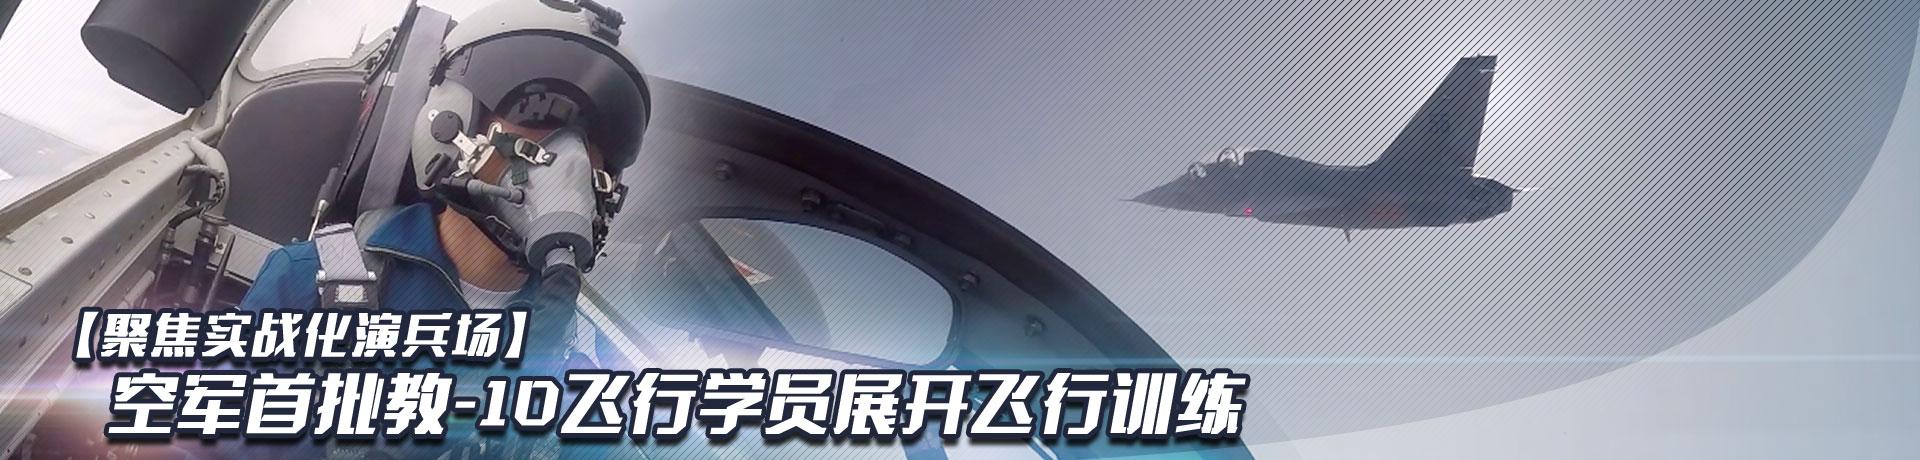 【聚焦實戰化演兵場】空軍首批教-10飛行學員展開飛行訓練